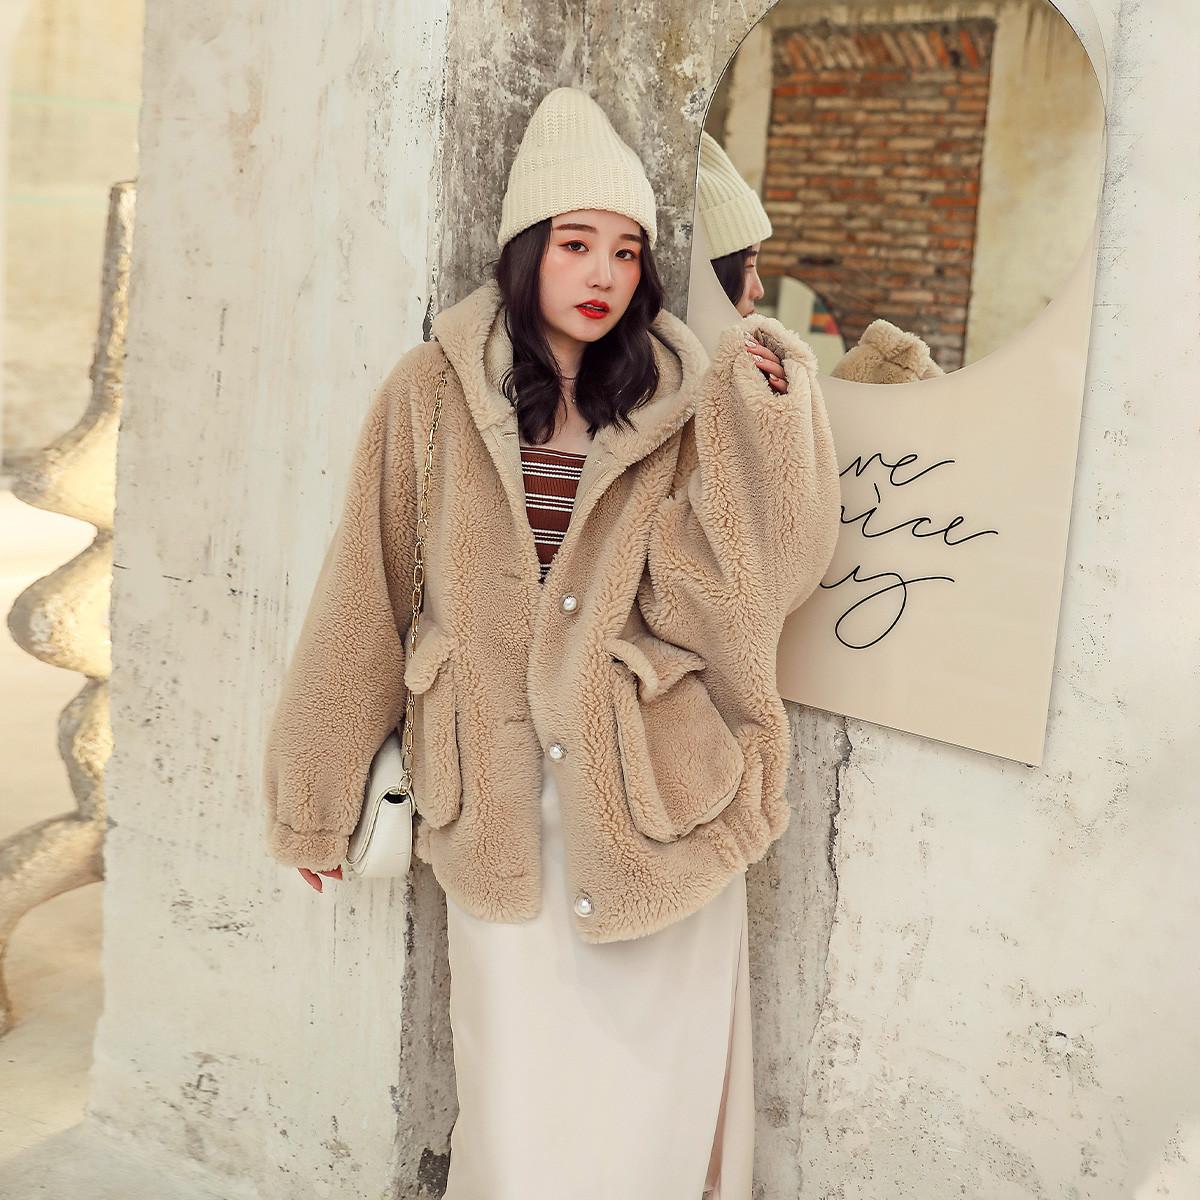 依奴珈颗粒羊剪绒大衣时尚连帽复合皮毛一体宽松版型ZHWJ7067822